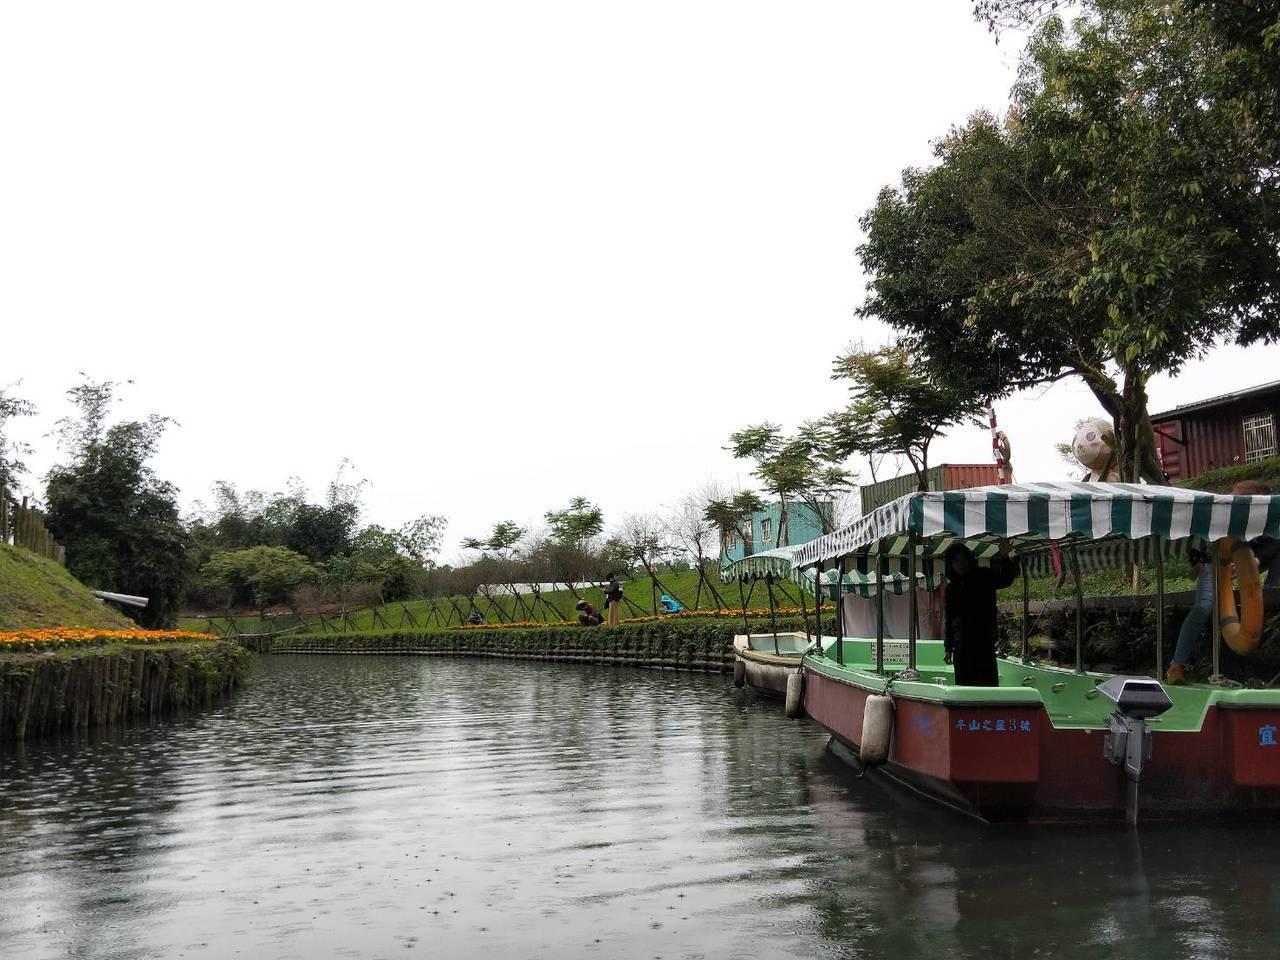 綠博除了有雙博、雙園套票可以先預購,現場還可購買乘船套票,民眾可以坐船在綠博會場...